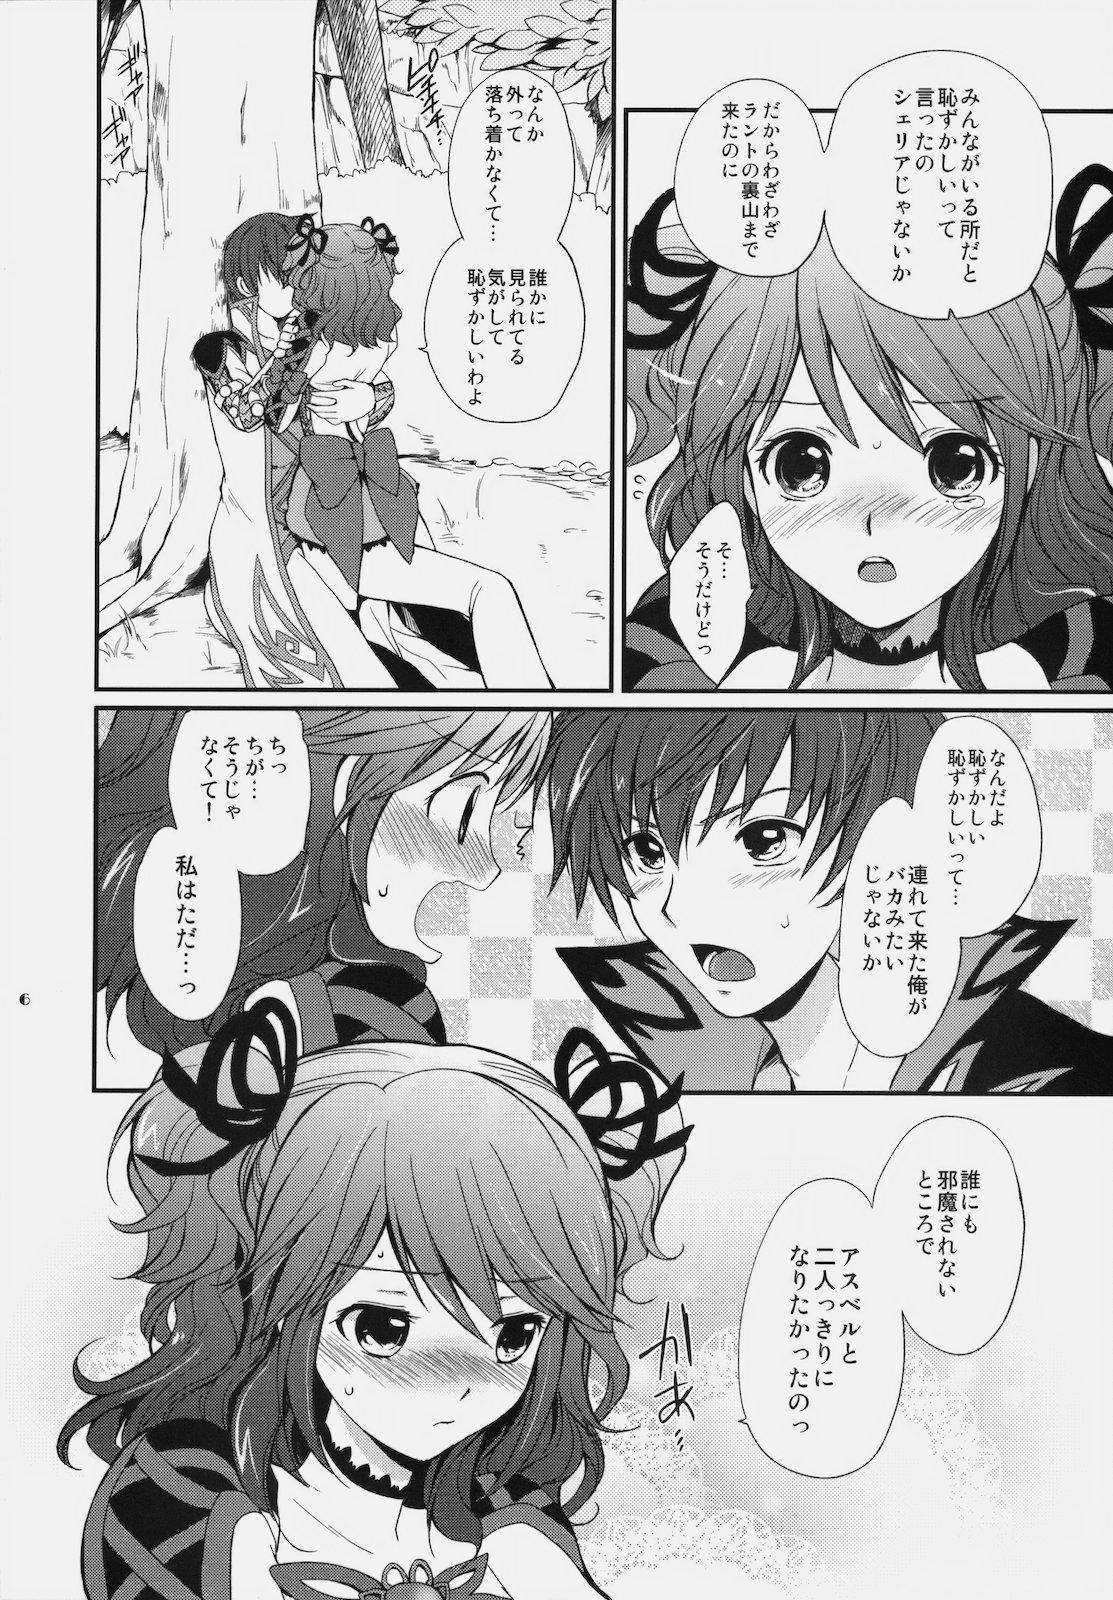 Cheria-chan no Ama~i Chucchu hon 4